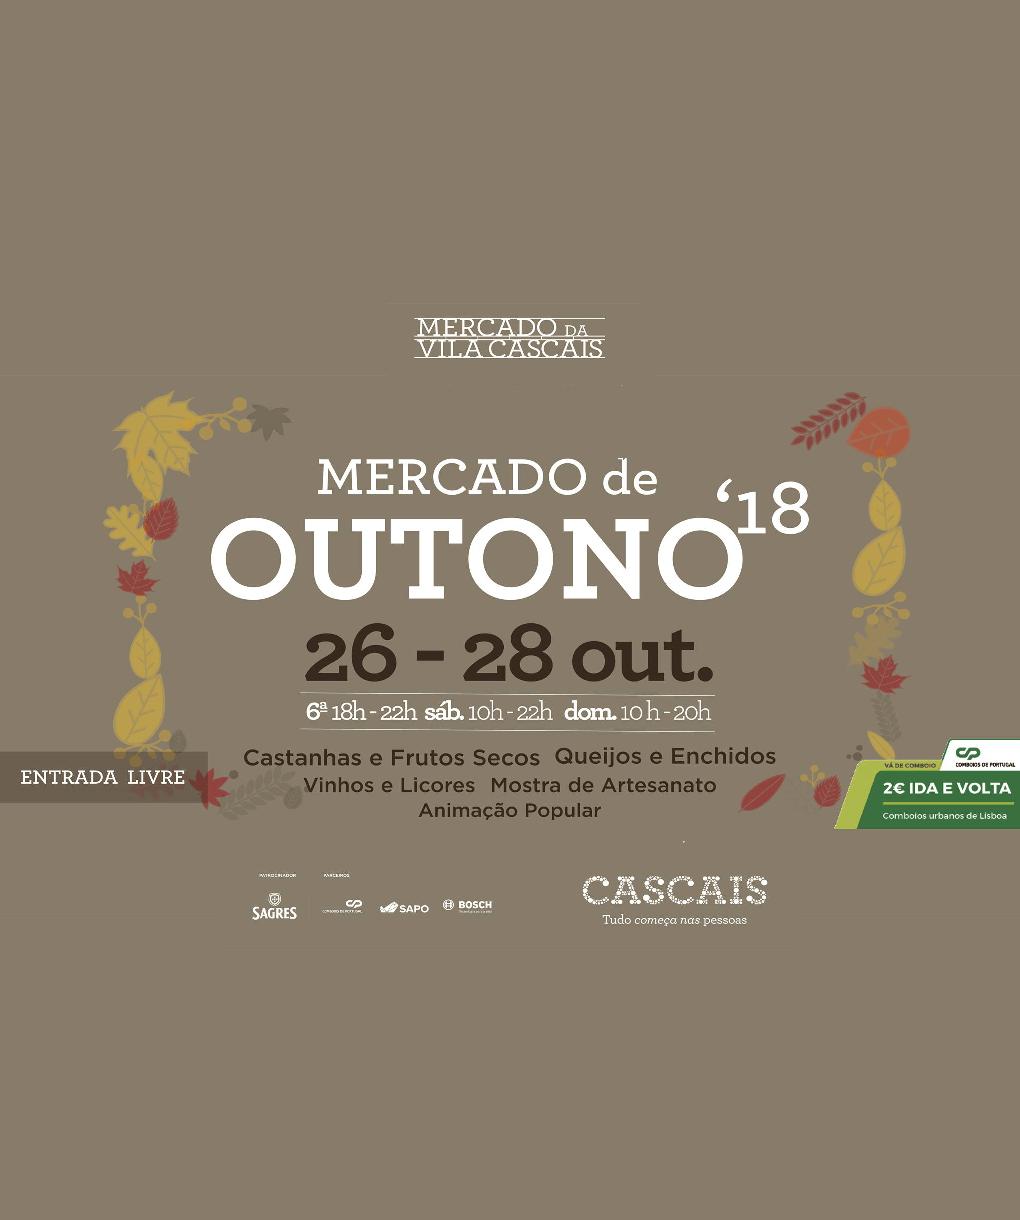 MERCADO DE OUTONO 2018   MERCADO DA VILA – CASCAIS